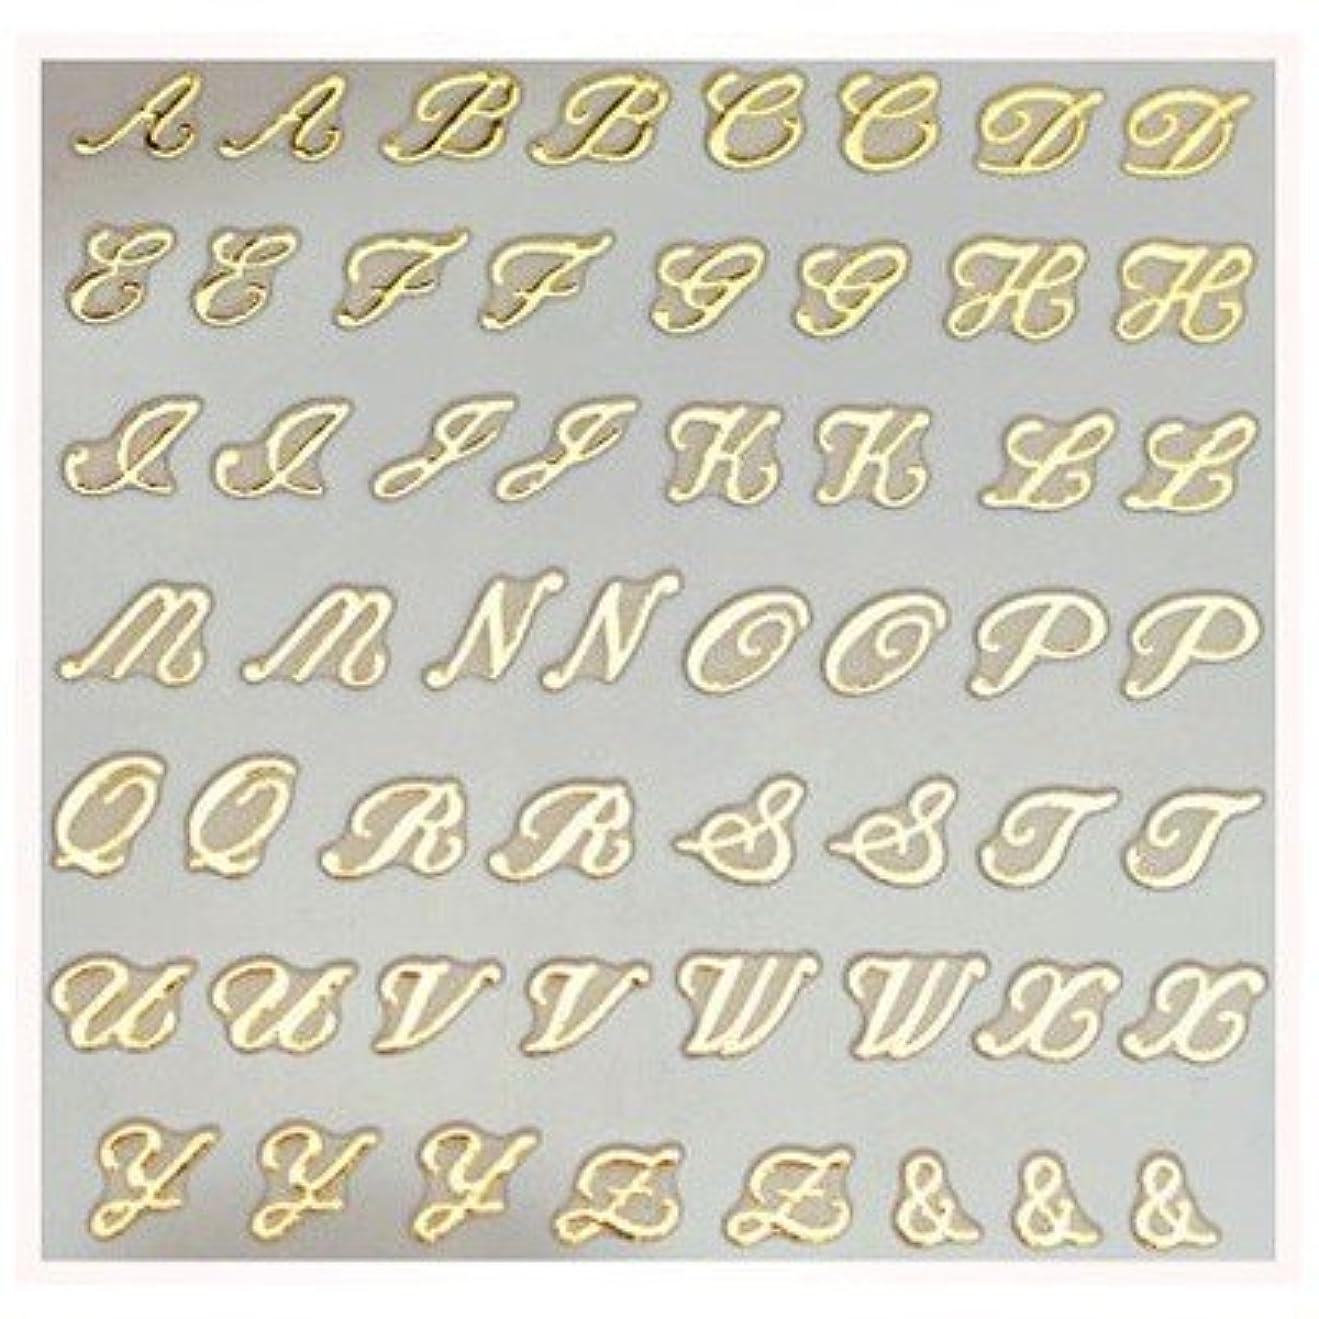 権利を与える優先記憶文字ネイルシール アルファベット イニシャル ピアドラ pieadra×BLC ネイルシール ブローチイニシャル 大 ゴールド